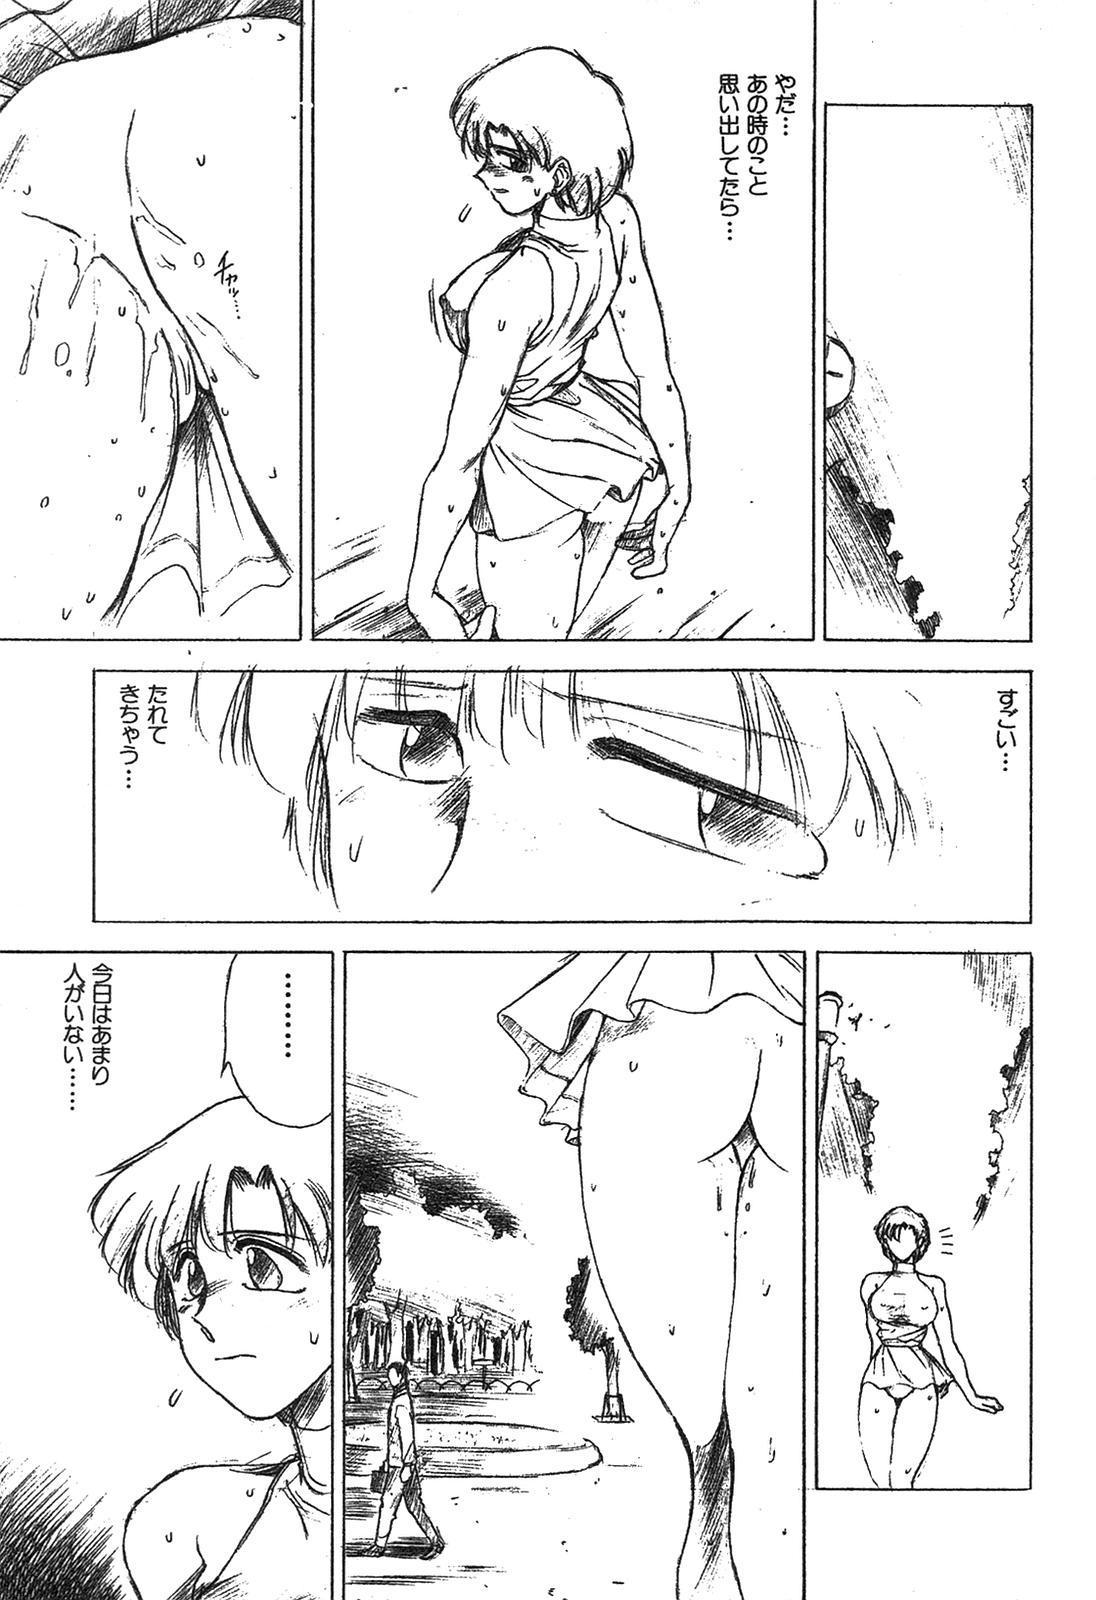 Shin Bishoujo Shoukougun 3 Yamato hen 187